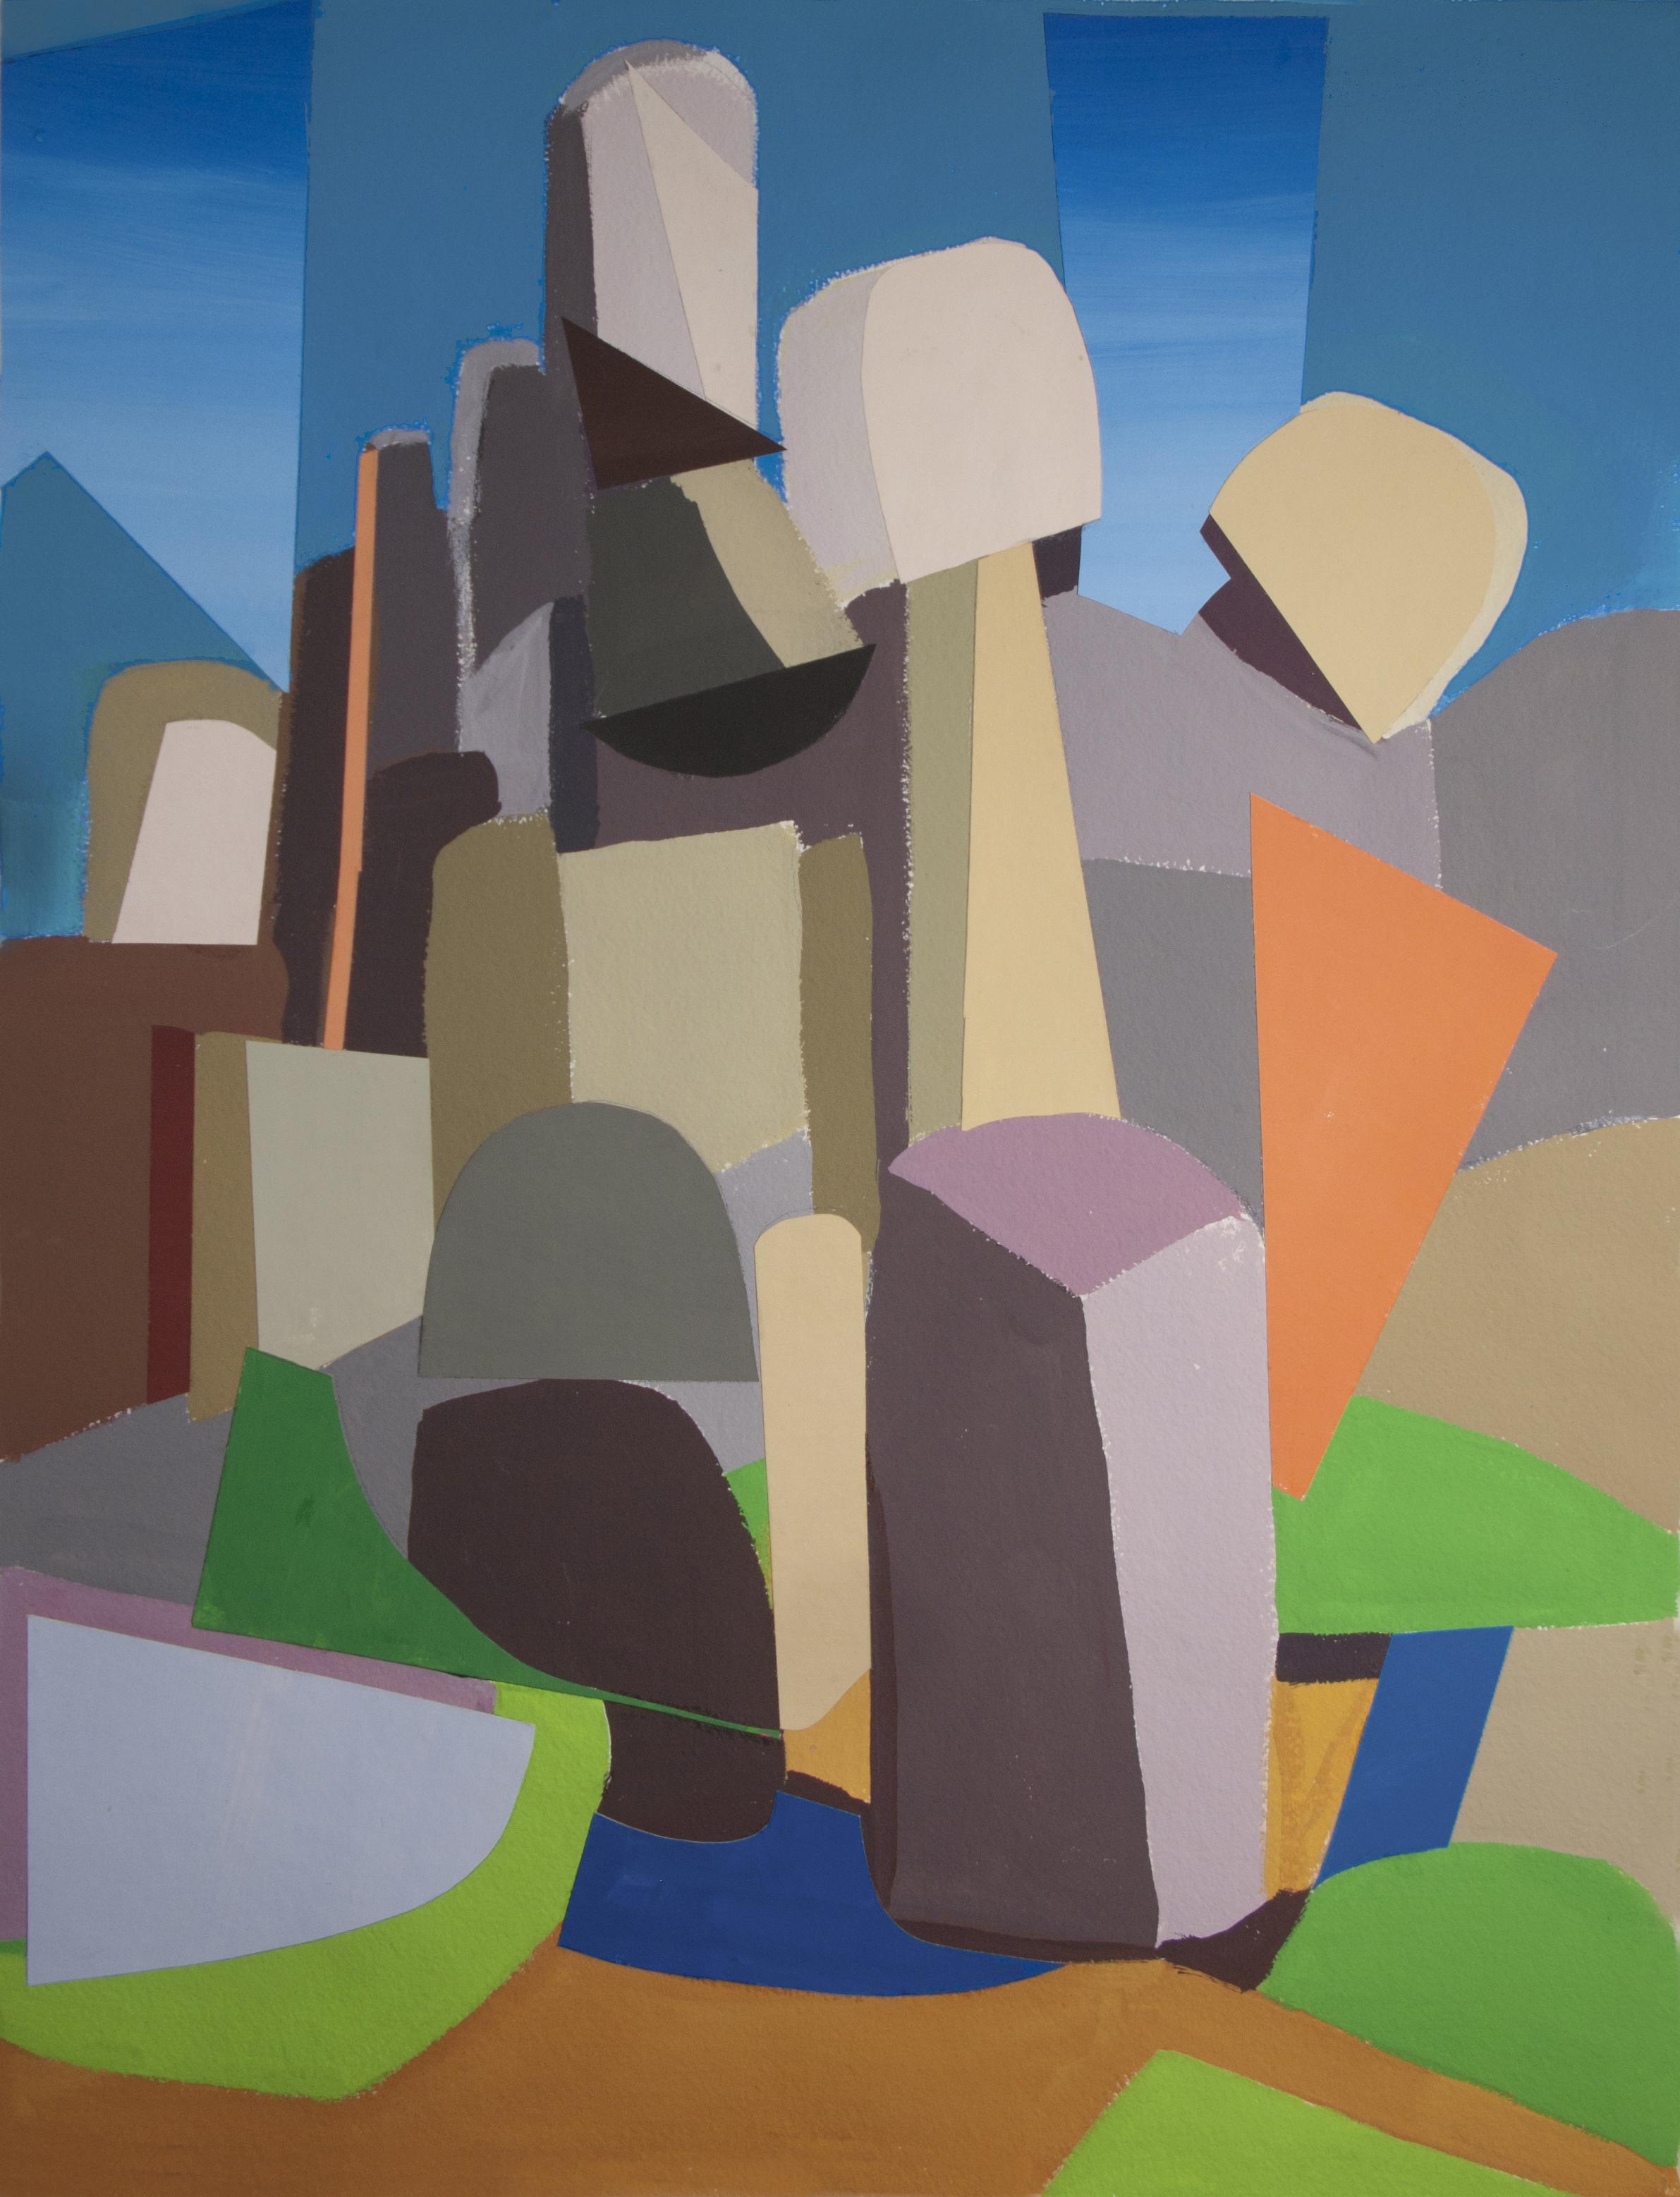 Joshua Tree Rocks,  cut paper, gouache, 30 x 22 in. 2018